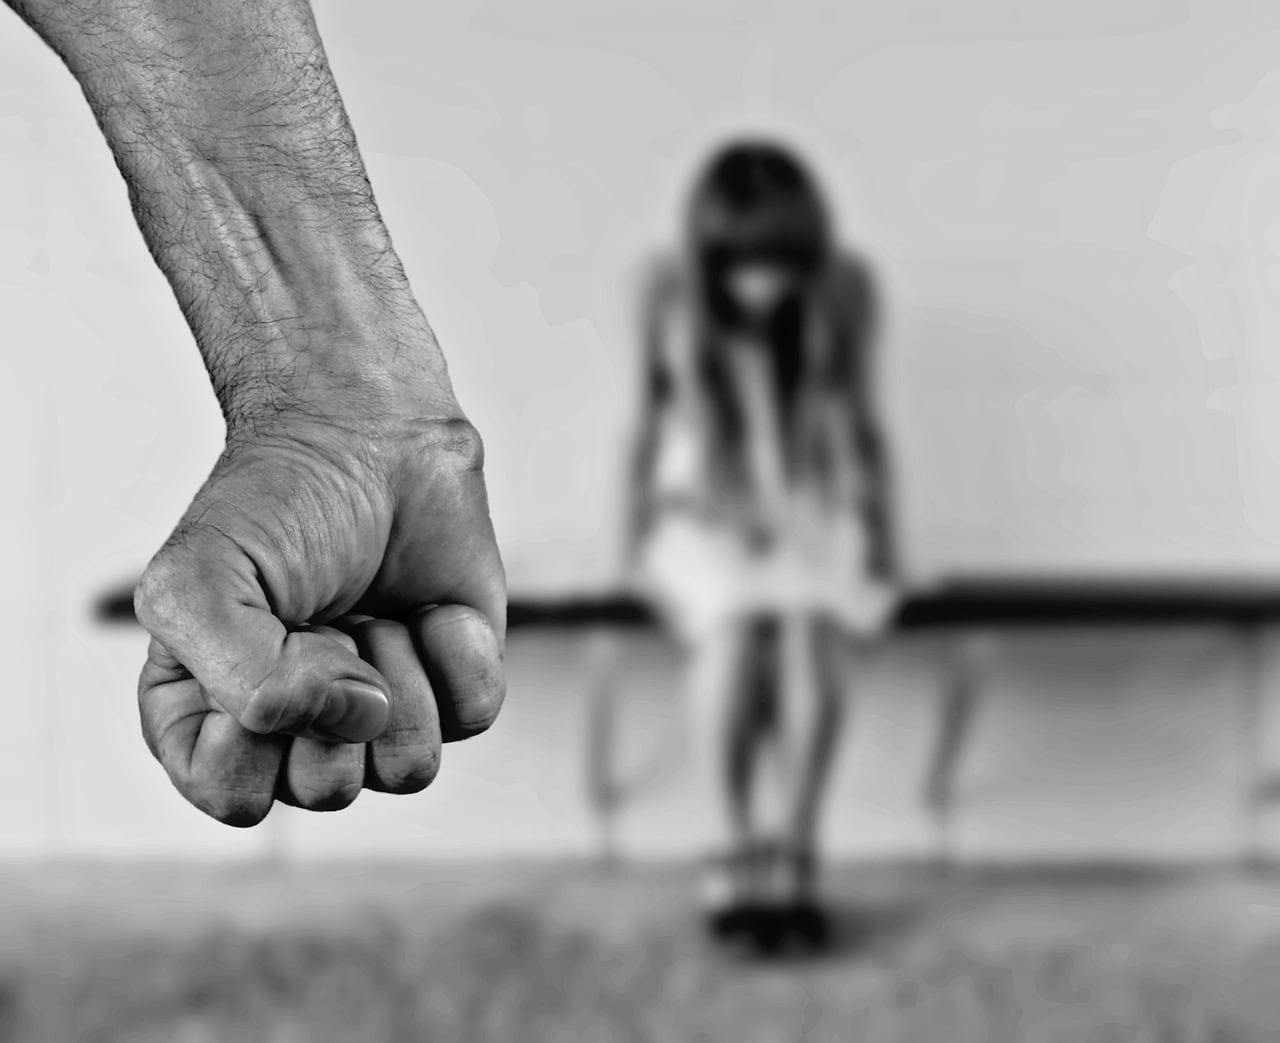 Día Internacional para la Eliminación de la Violencia contra la Mujer: No mires para otro lado